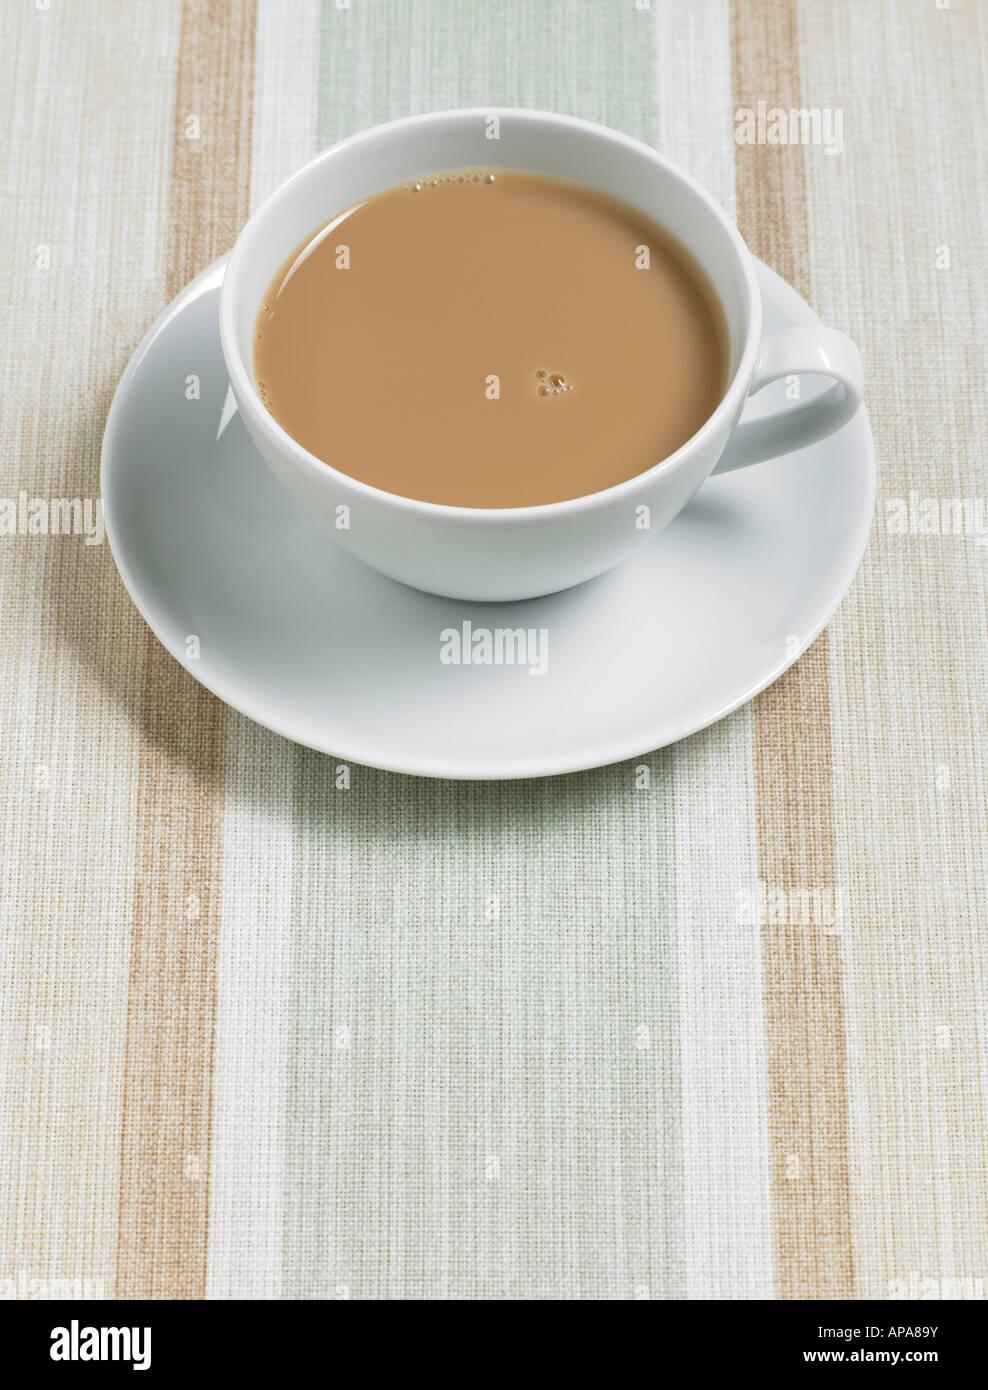 Teetasse und Untertasse auf Tischdecke Stockbild